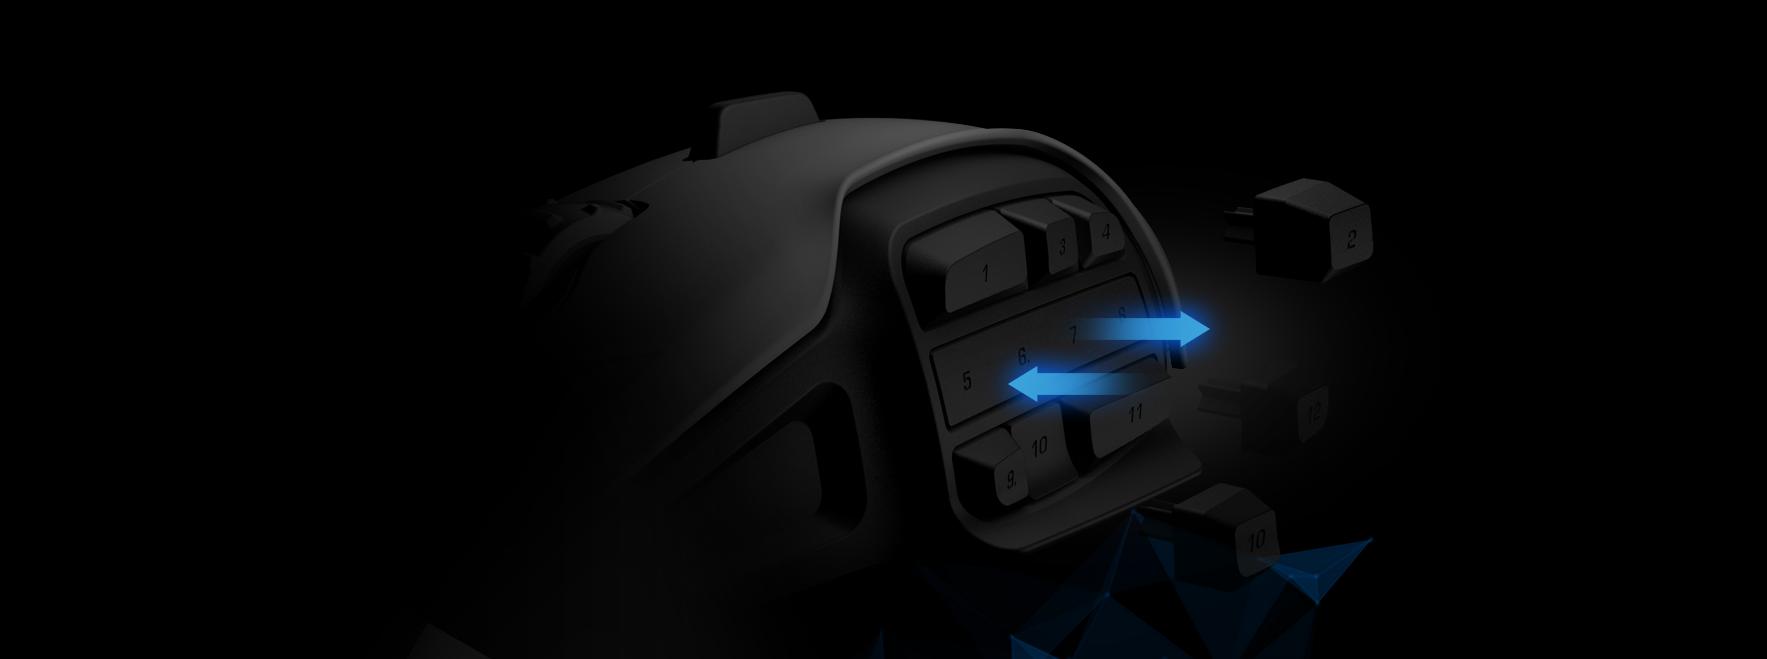 Photo of Roccat Nyth MMO-Un mouse construit special pentru tine! Da, pentru tine, personal!